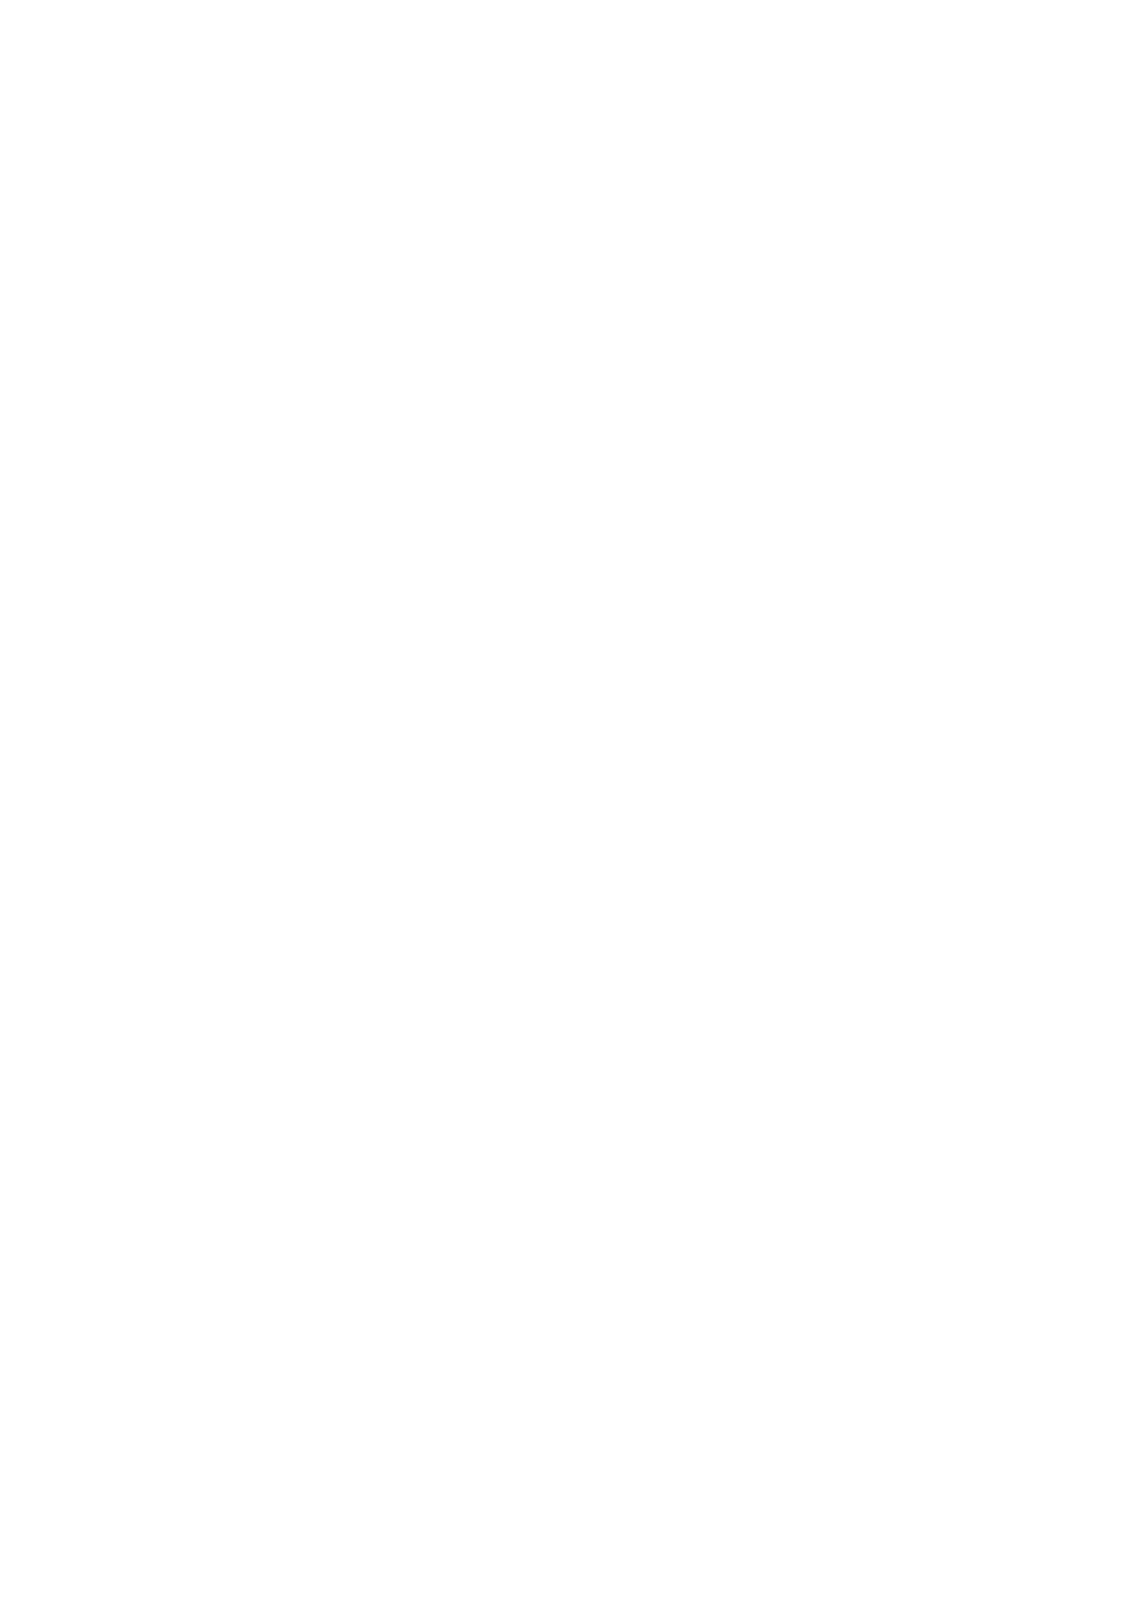 [Nihohuhehon (Supurai)] WhiteBrim Royal Maid-tai no Kenshin-Tekina Aijou o Zonbun ni Ajiwau Hon (Azur Lane) [Digital] 25